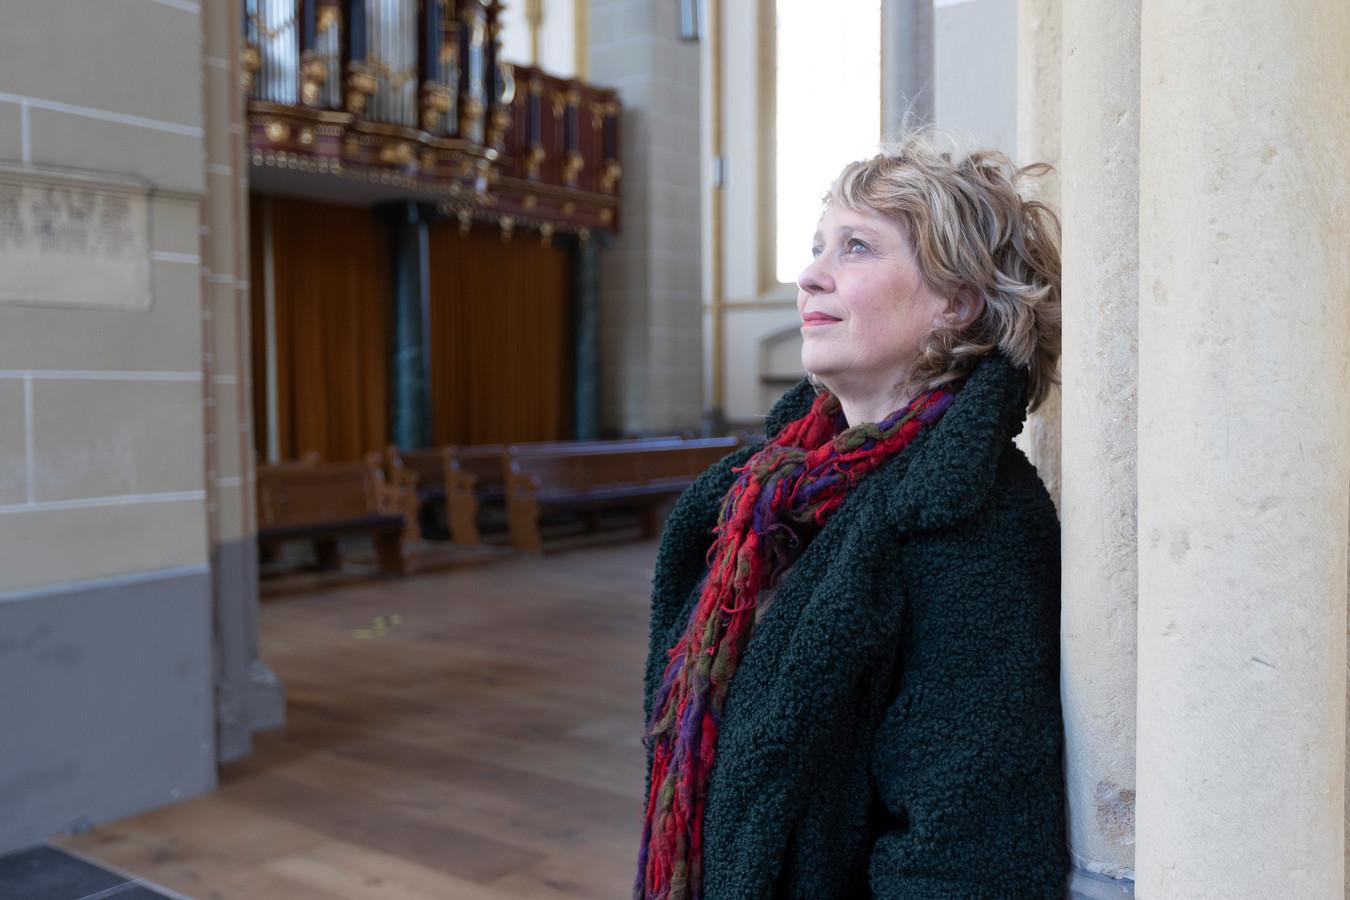 TT-2021-8311 - Zutphen - Zangeres Johannette Zomer uit Wierden zingt in een lege kerk het Stabat Mater van Pergolesi ivm opname onlineconcert. We spreken haar nav de passietijd die nu begint. Ze moet daarvan leven, maar loopt nu voor de tweede keer alle inkomsten mis.